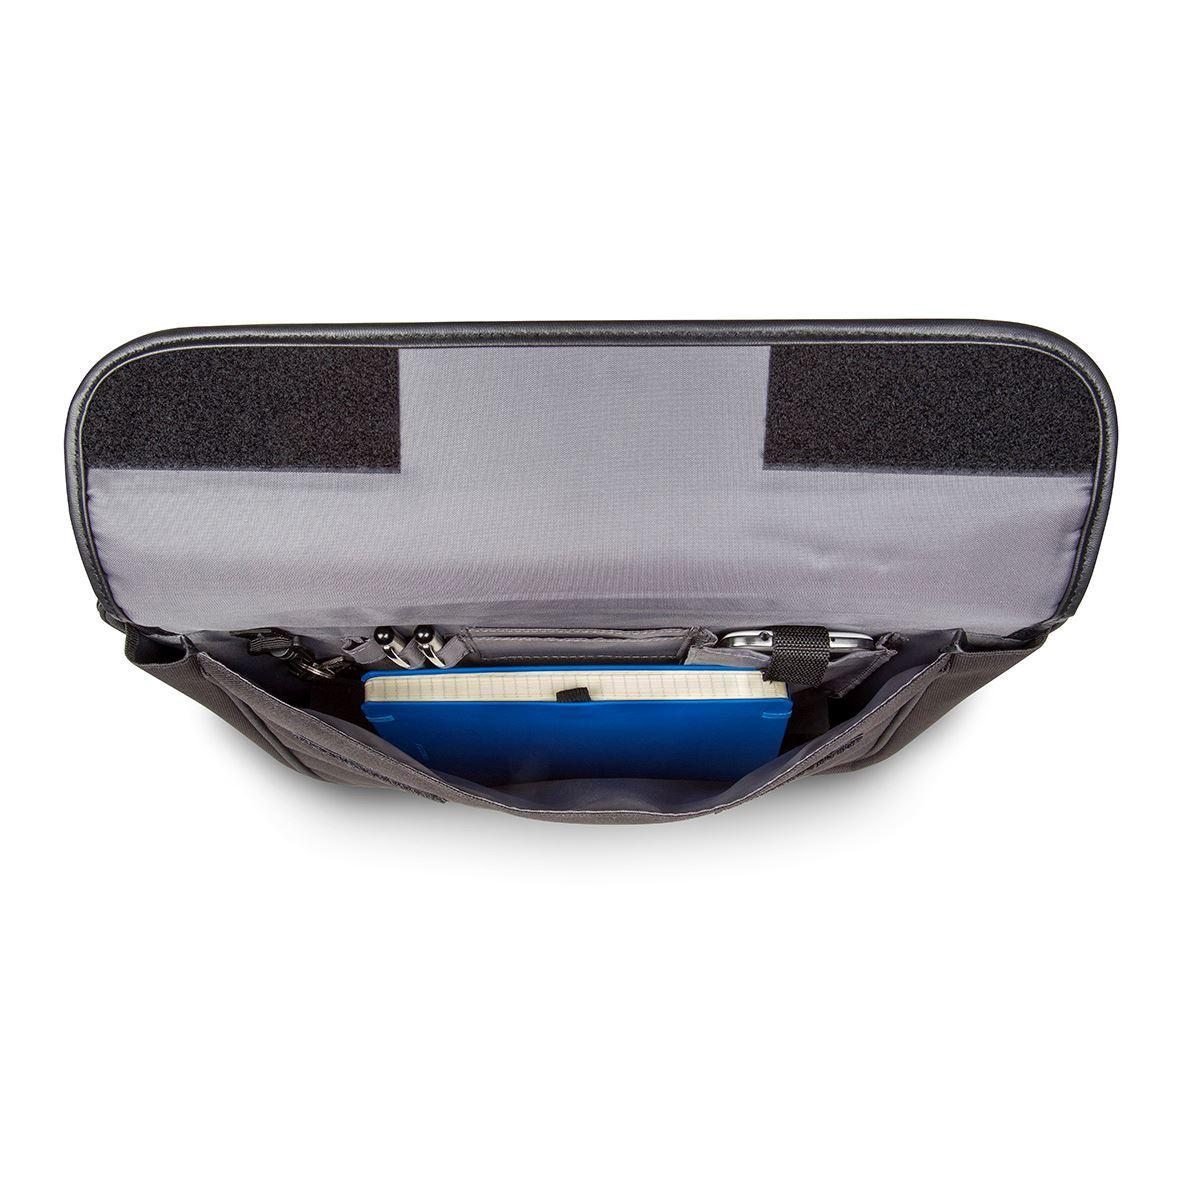 Notepac Plus Clamshell Sacoche Pour Ordinateur Portable 15